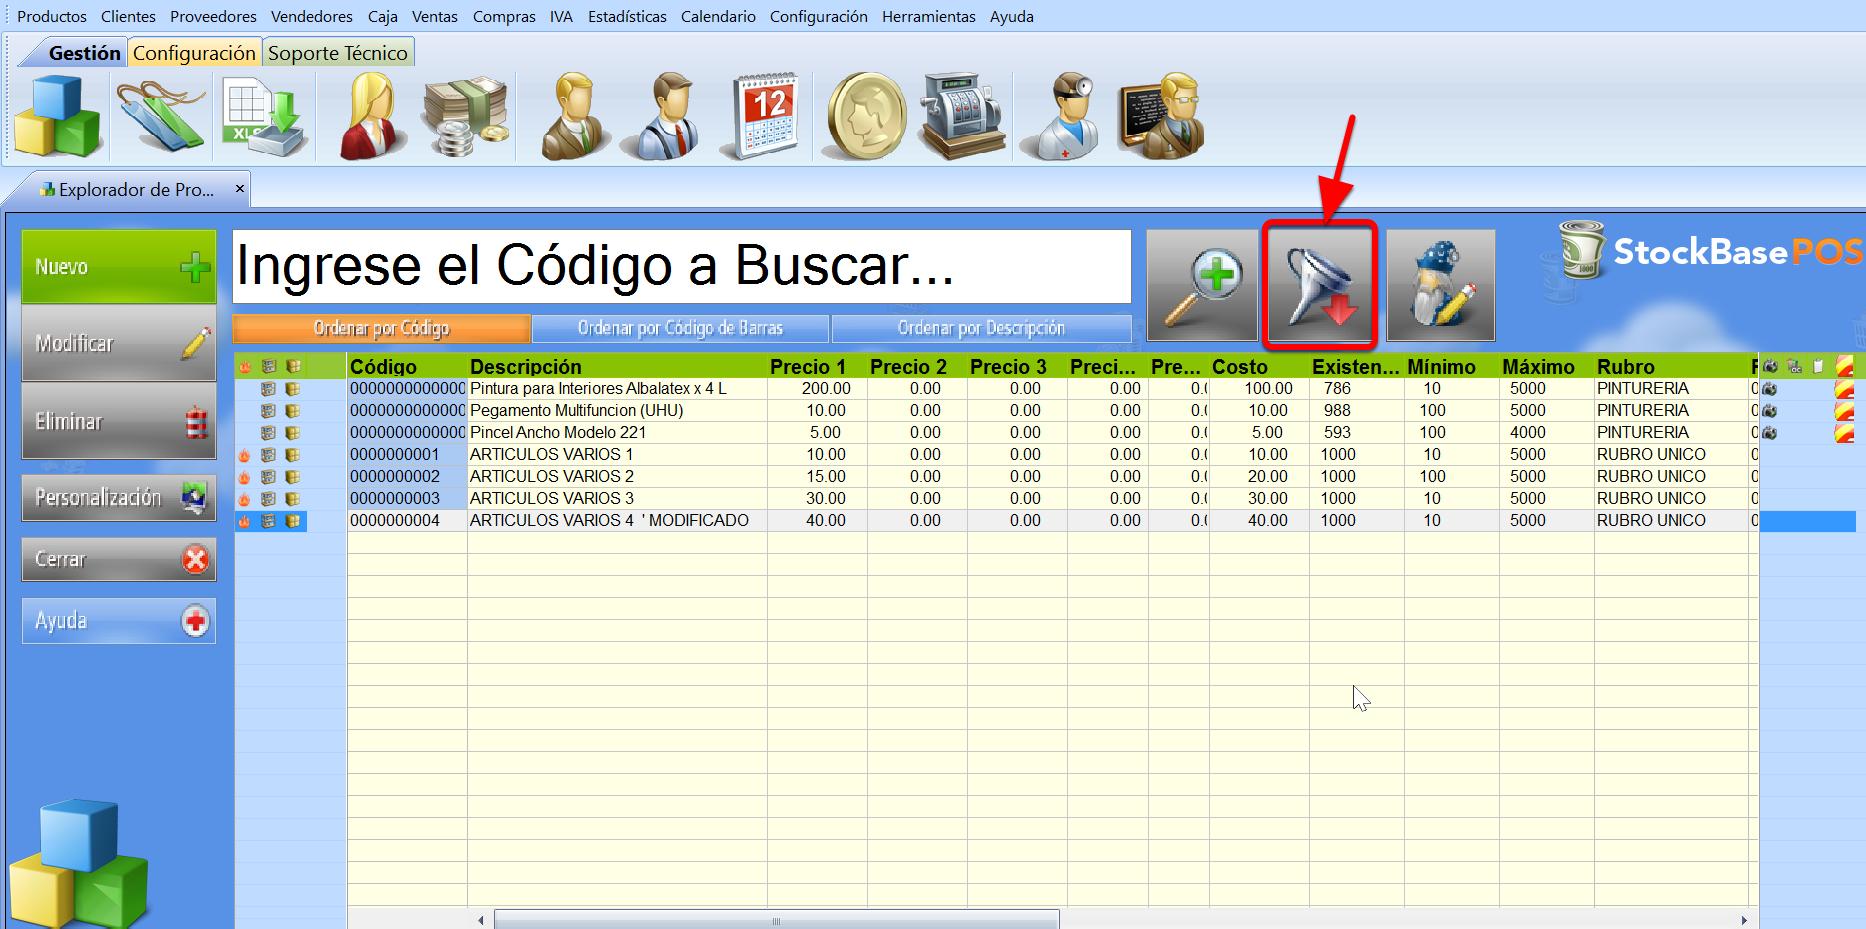 Bot贸n Filtro de Registros permite visualizar de manera personalizada s贸lo los registros que nos interesan